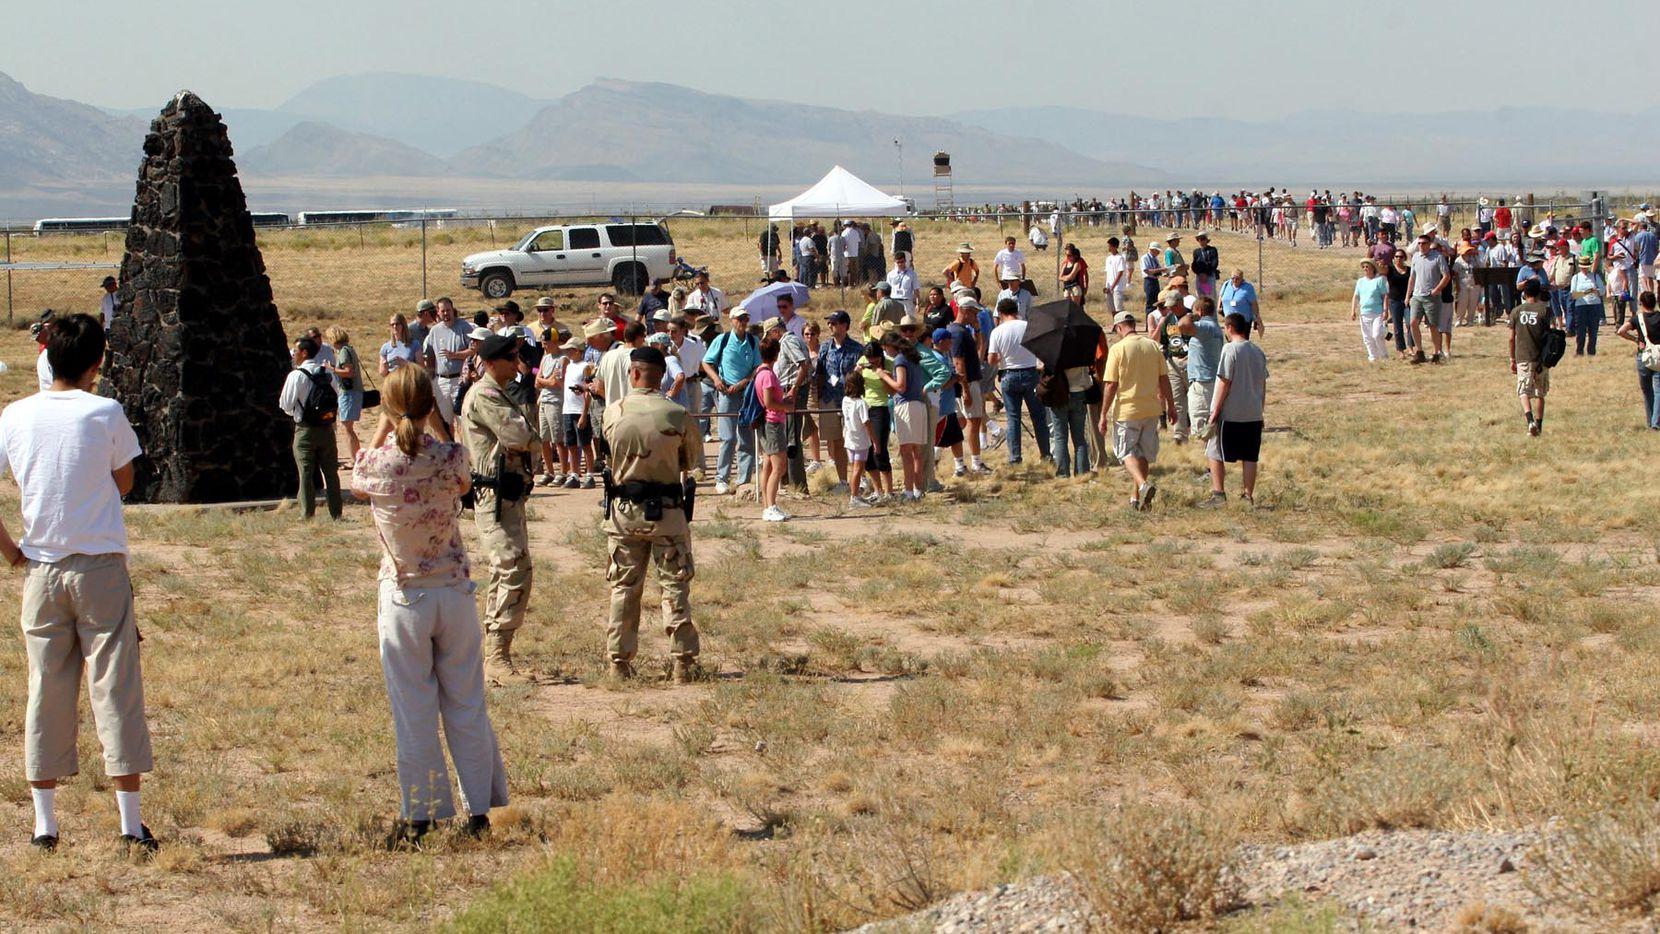 Visitantes rodean el sitio está el monumento llamado Trinity Site, el lugar donde se probó por primera vez una bomba atómica. AP